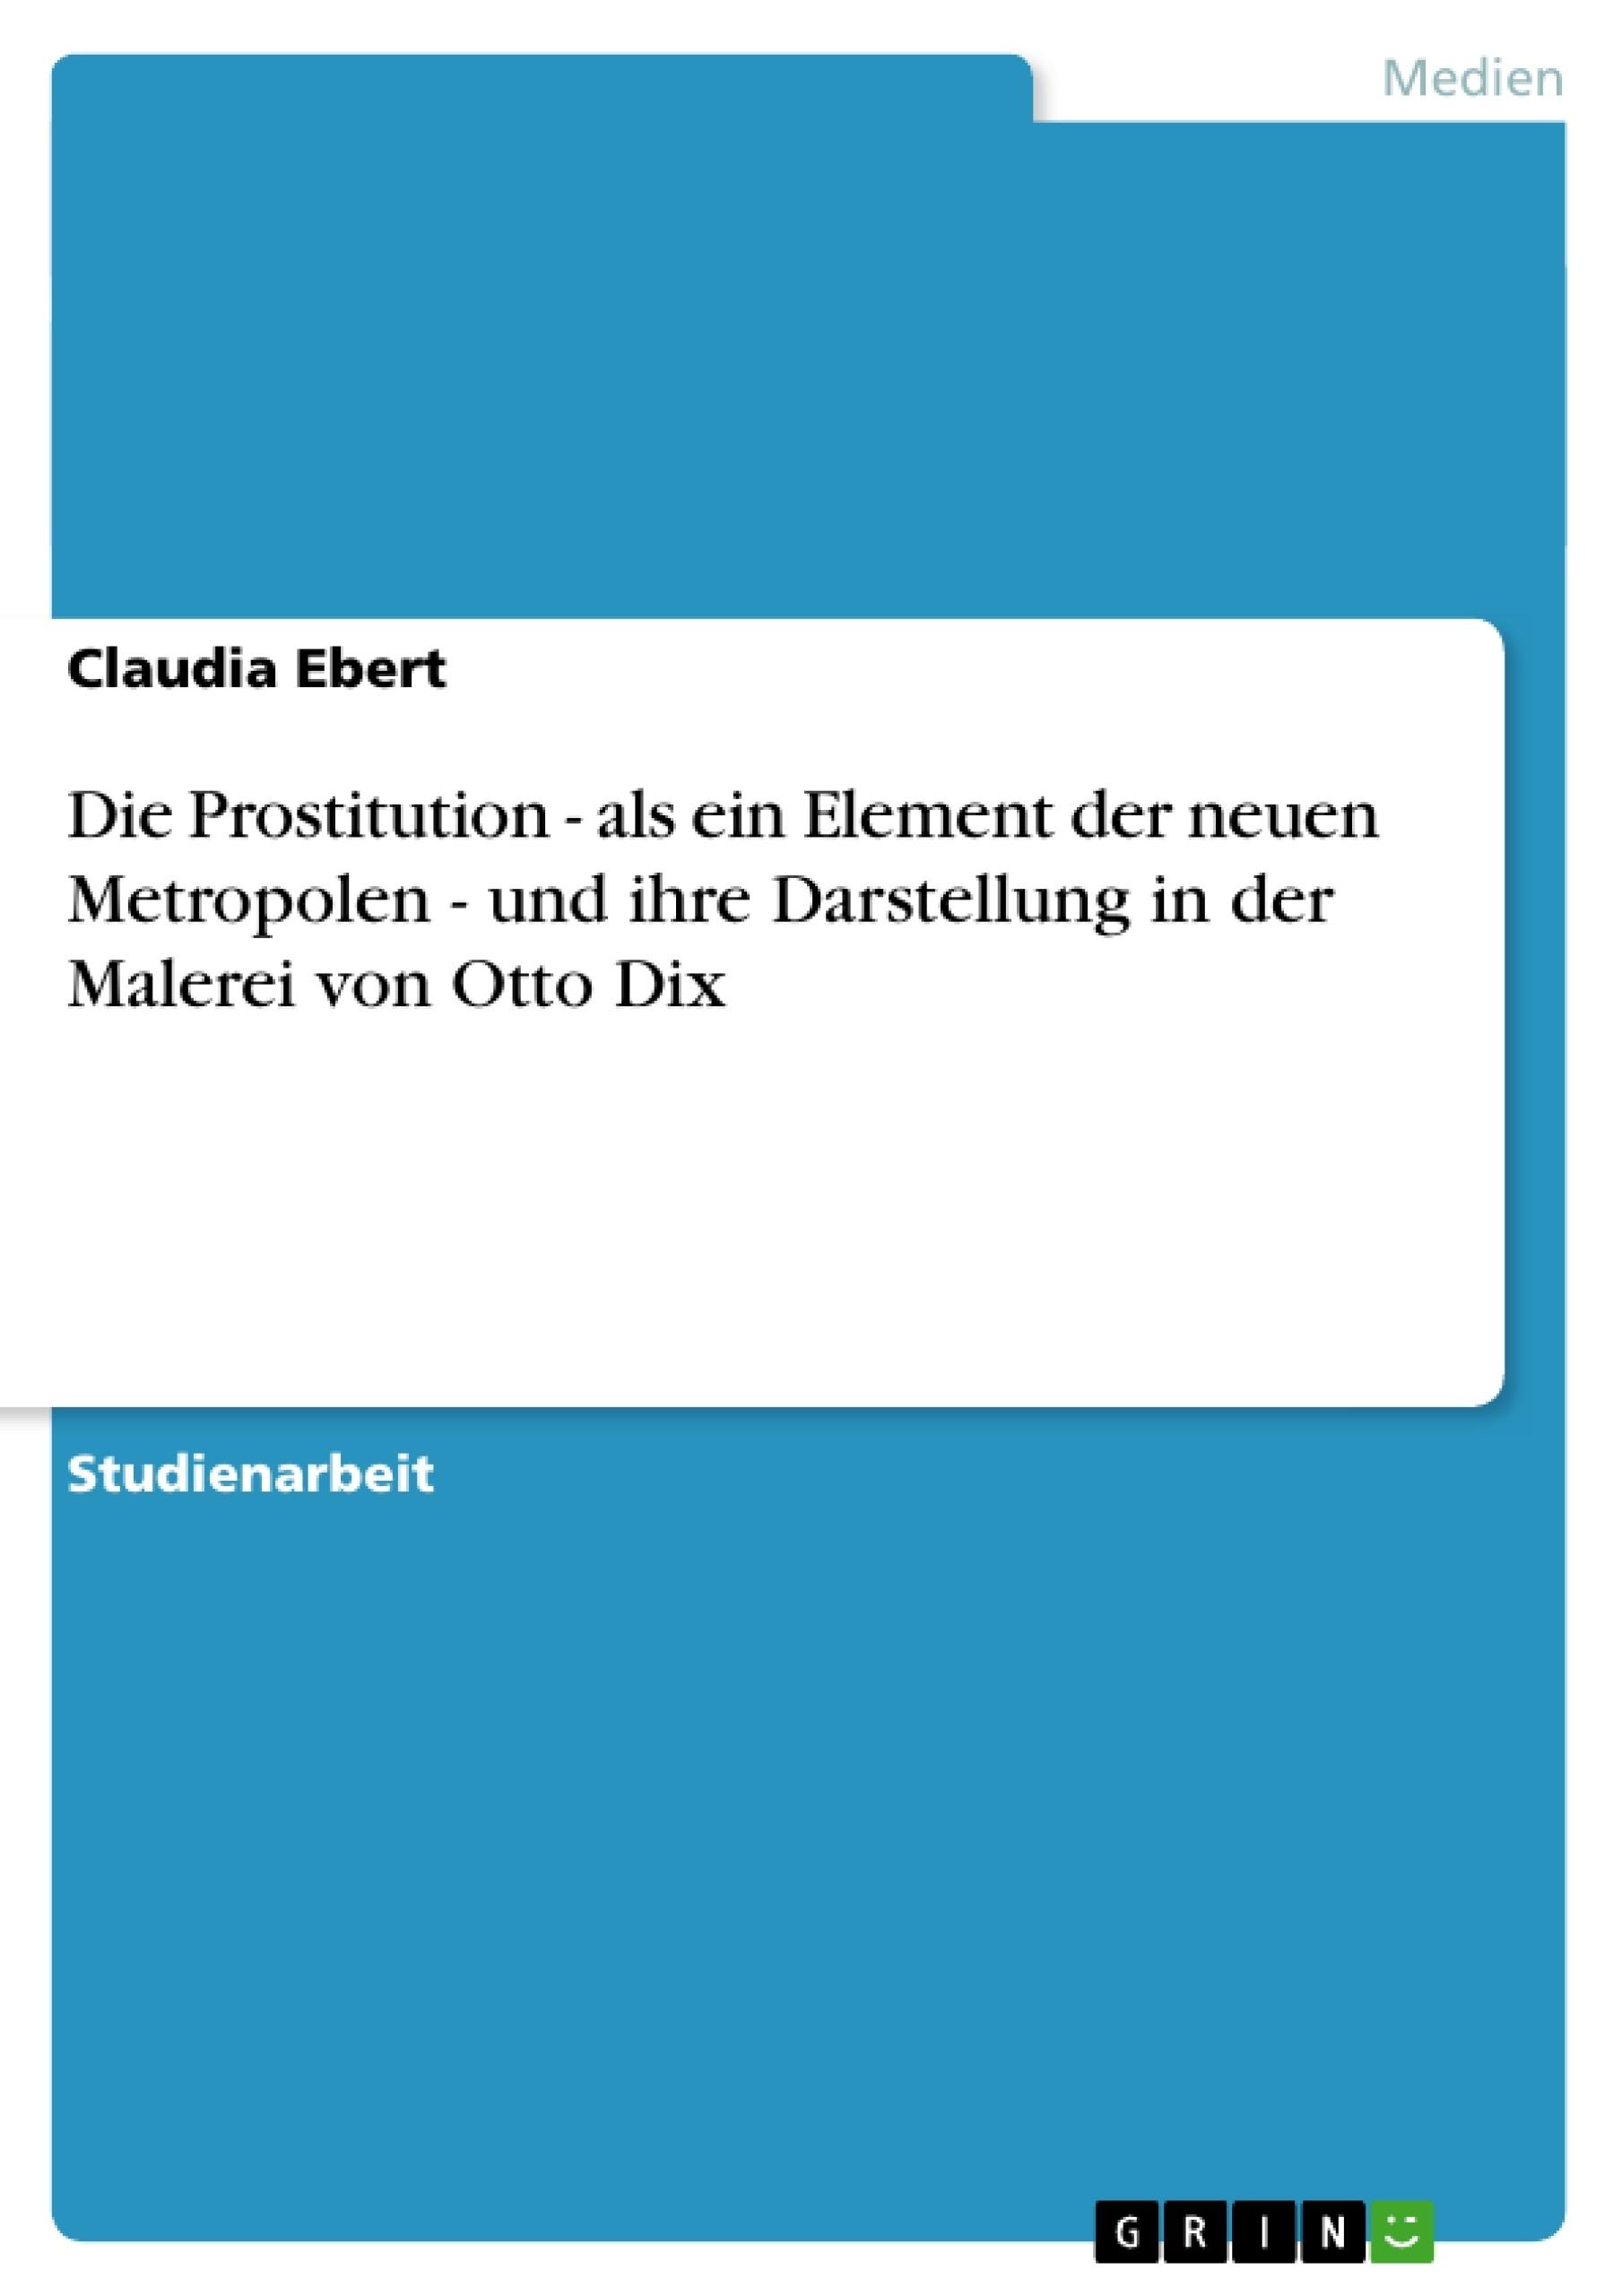 Titel: Die Prostitution - als ein Element der neuen Metropolen - und ihre Darstellung in der Malerei von Otto Dix